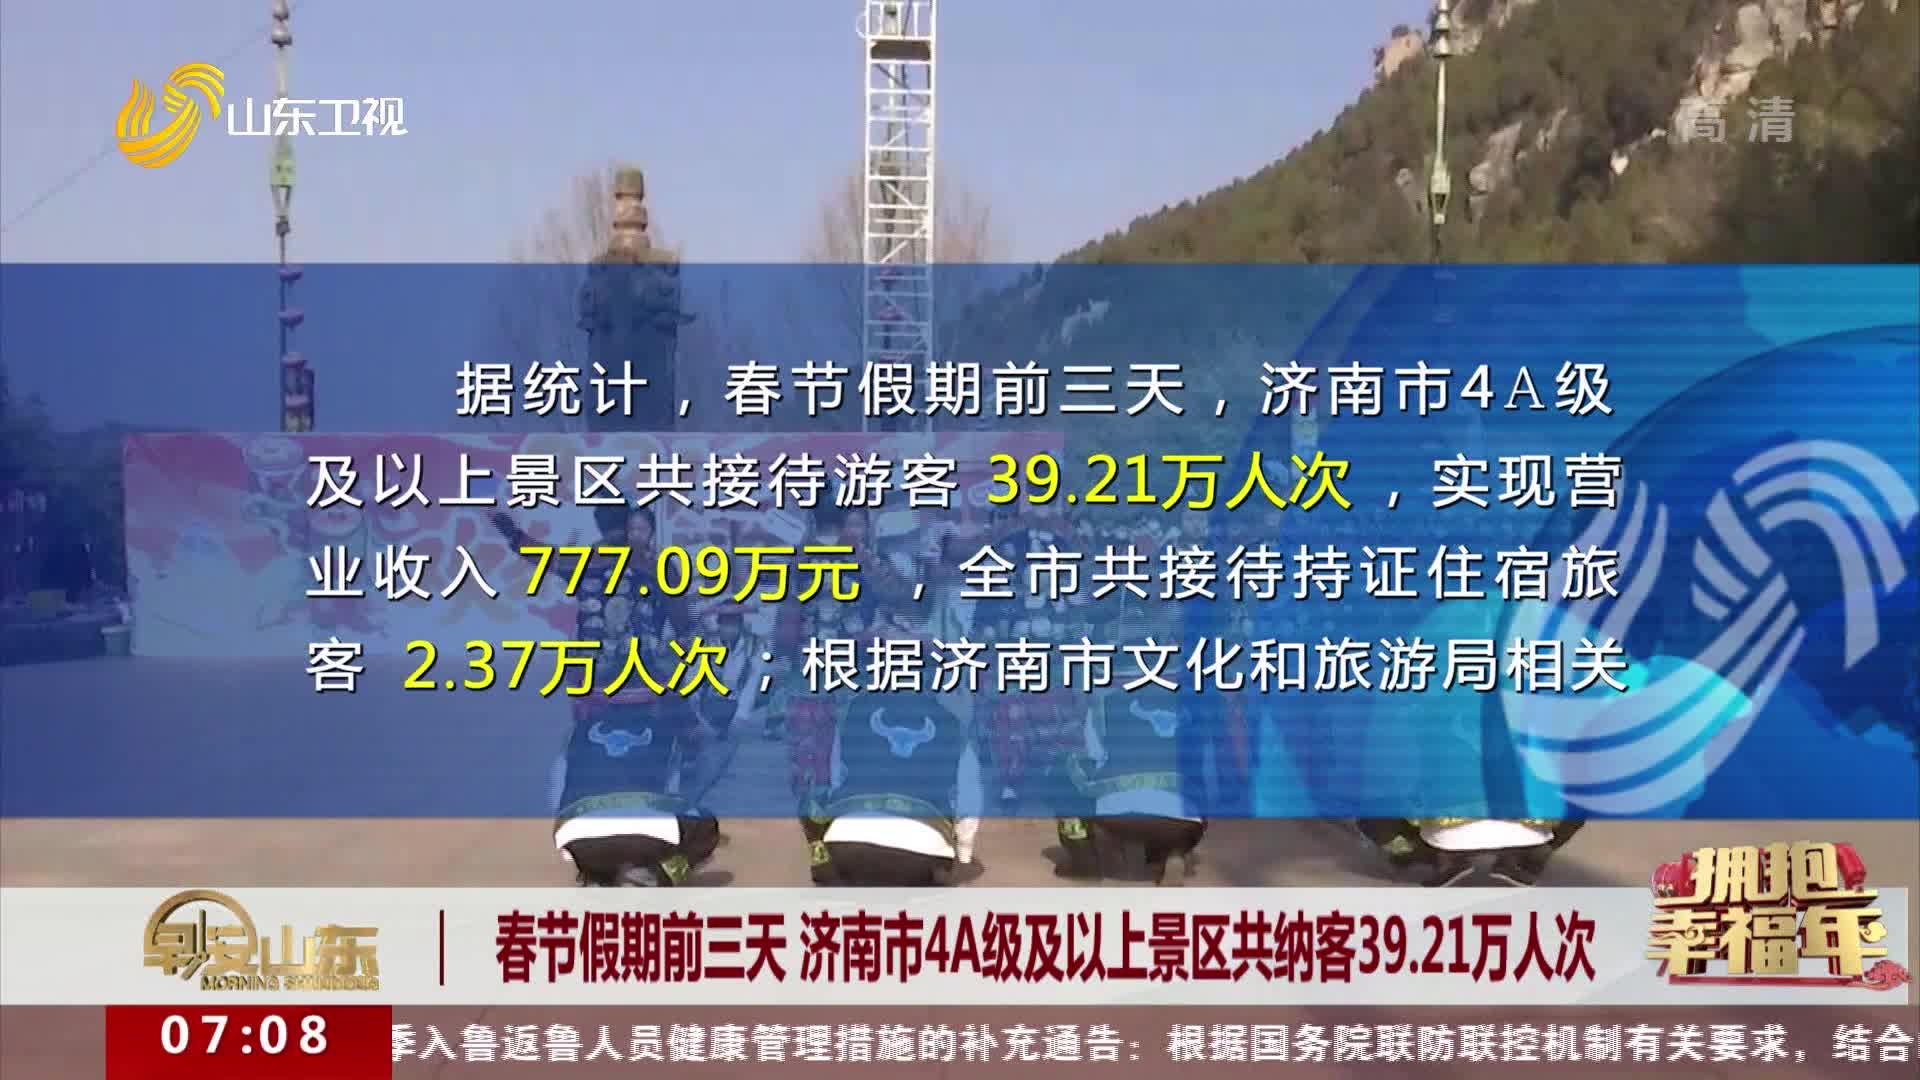 春节假期前三天 济南市4A级及以上景区共纳客39.21万人次